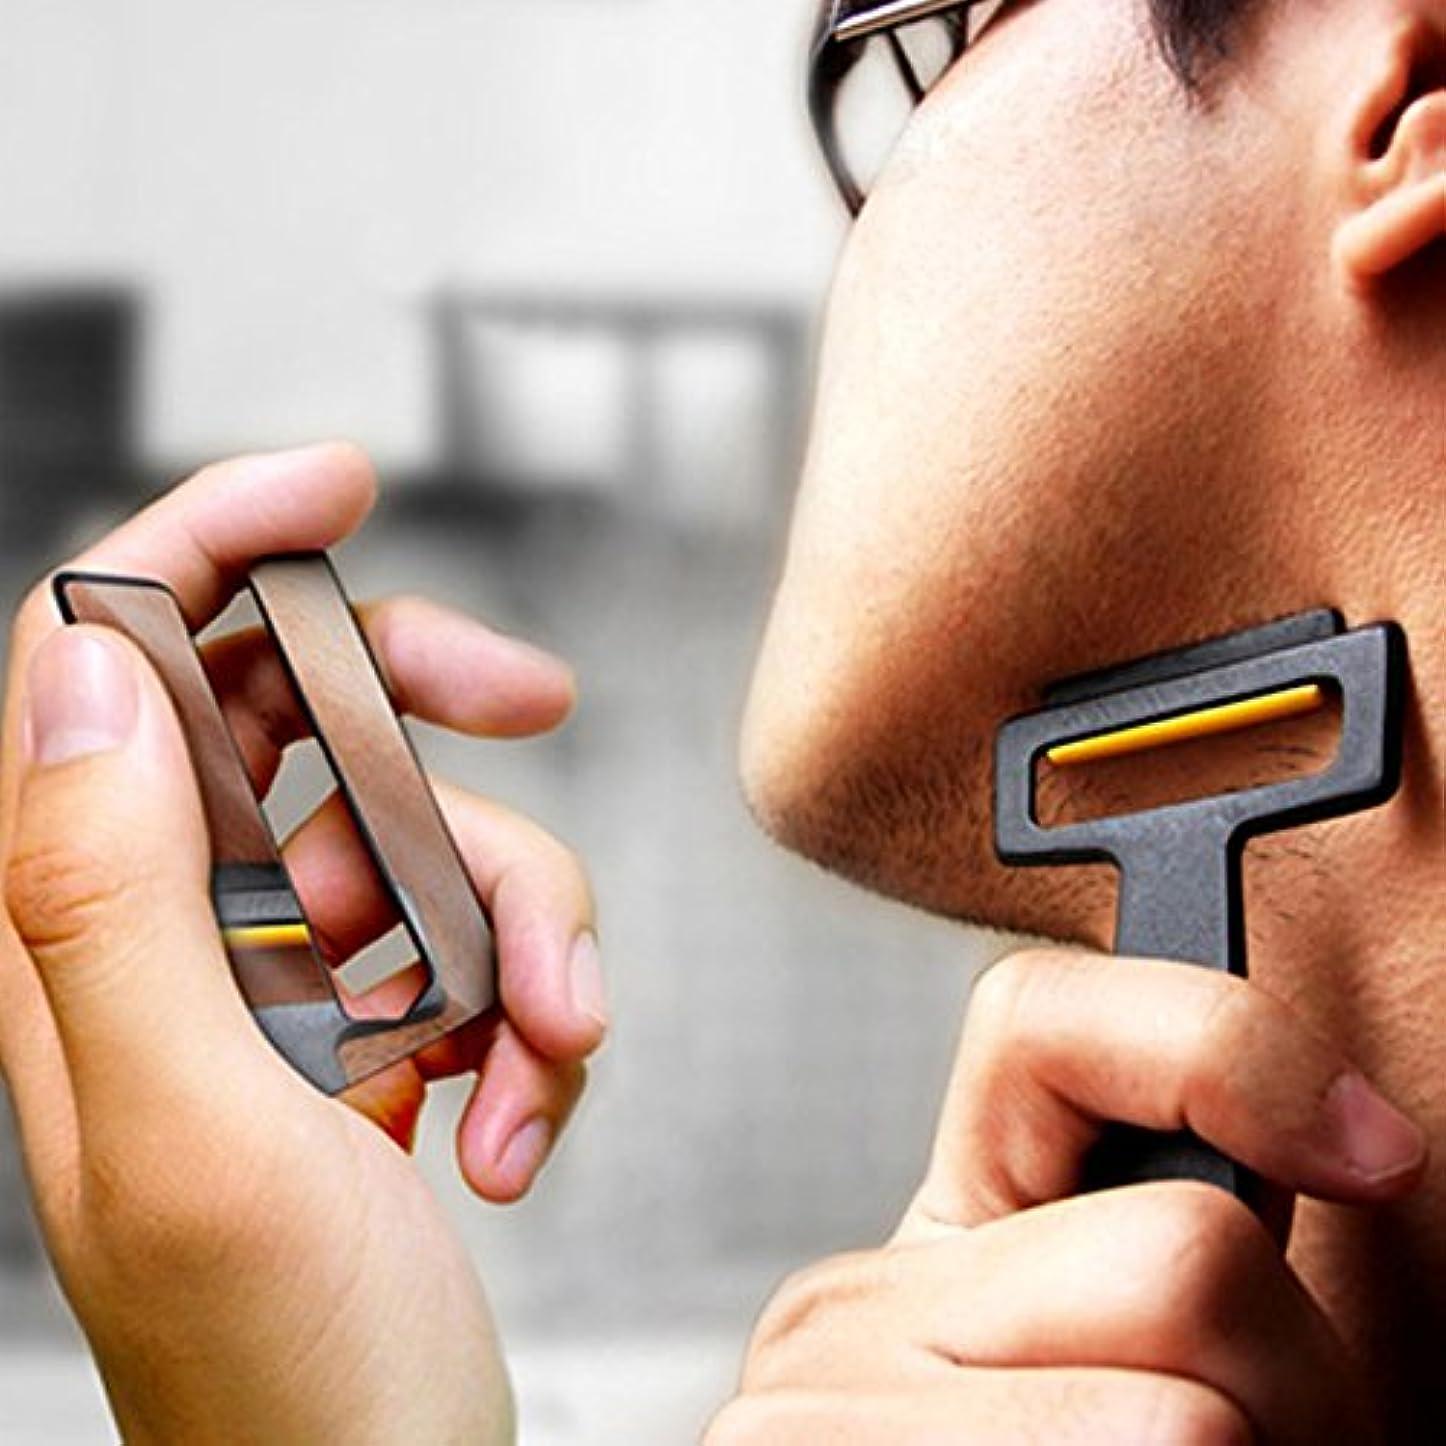 ぼろ日曜日扱うPogass Carzor 3 In 1 Card設計された財布ミニかみそりビードポータブルひげ剃りミラースタンドキット